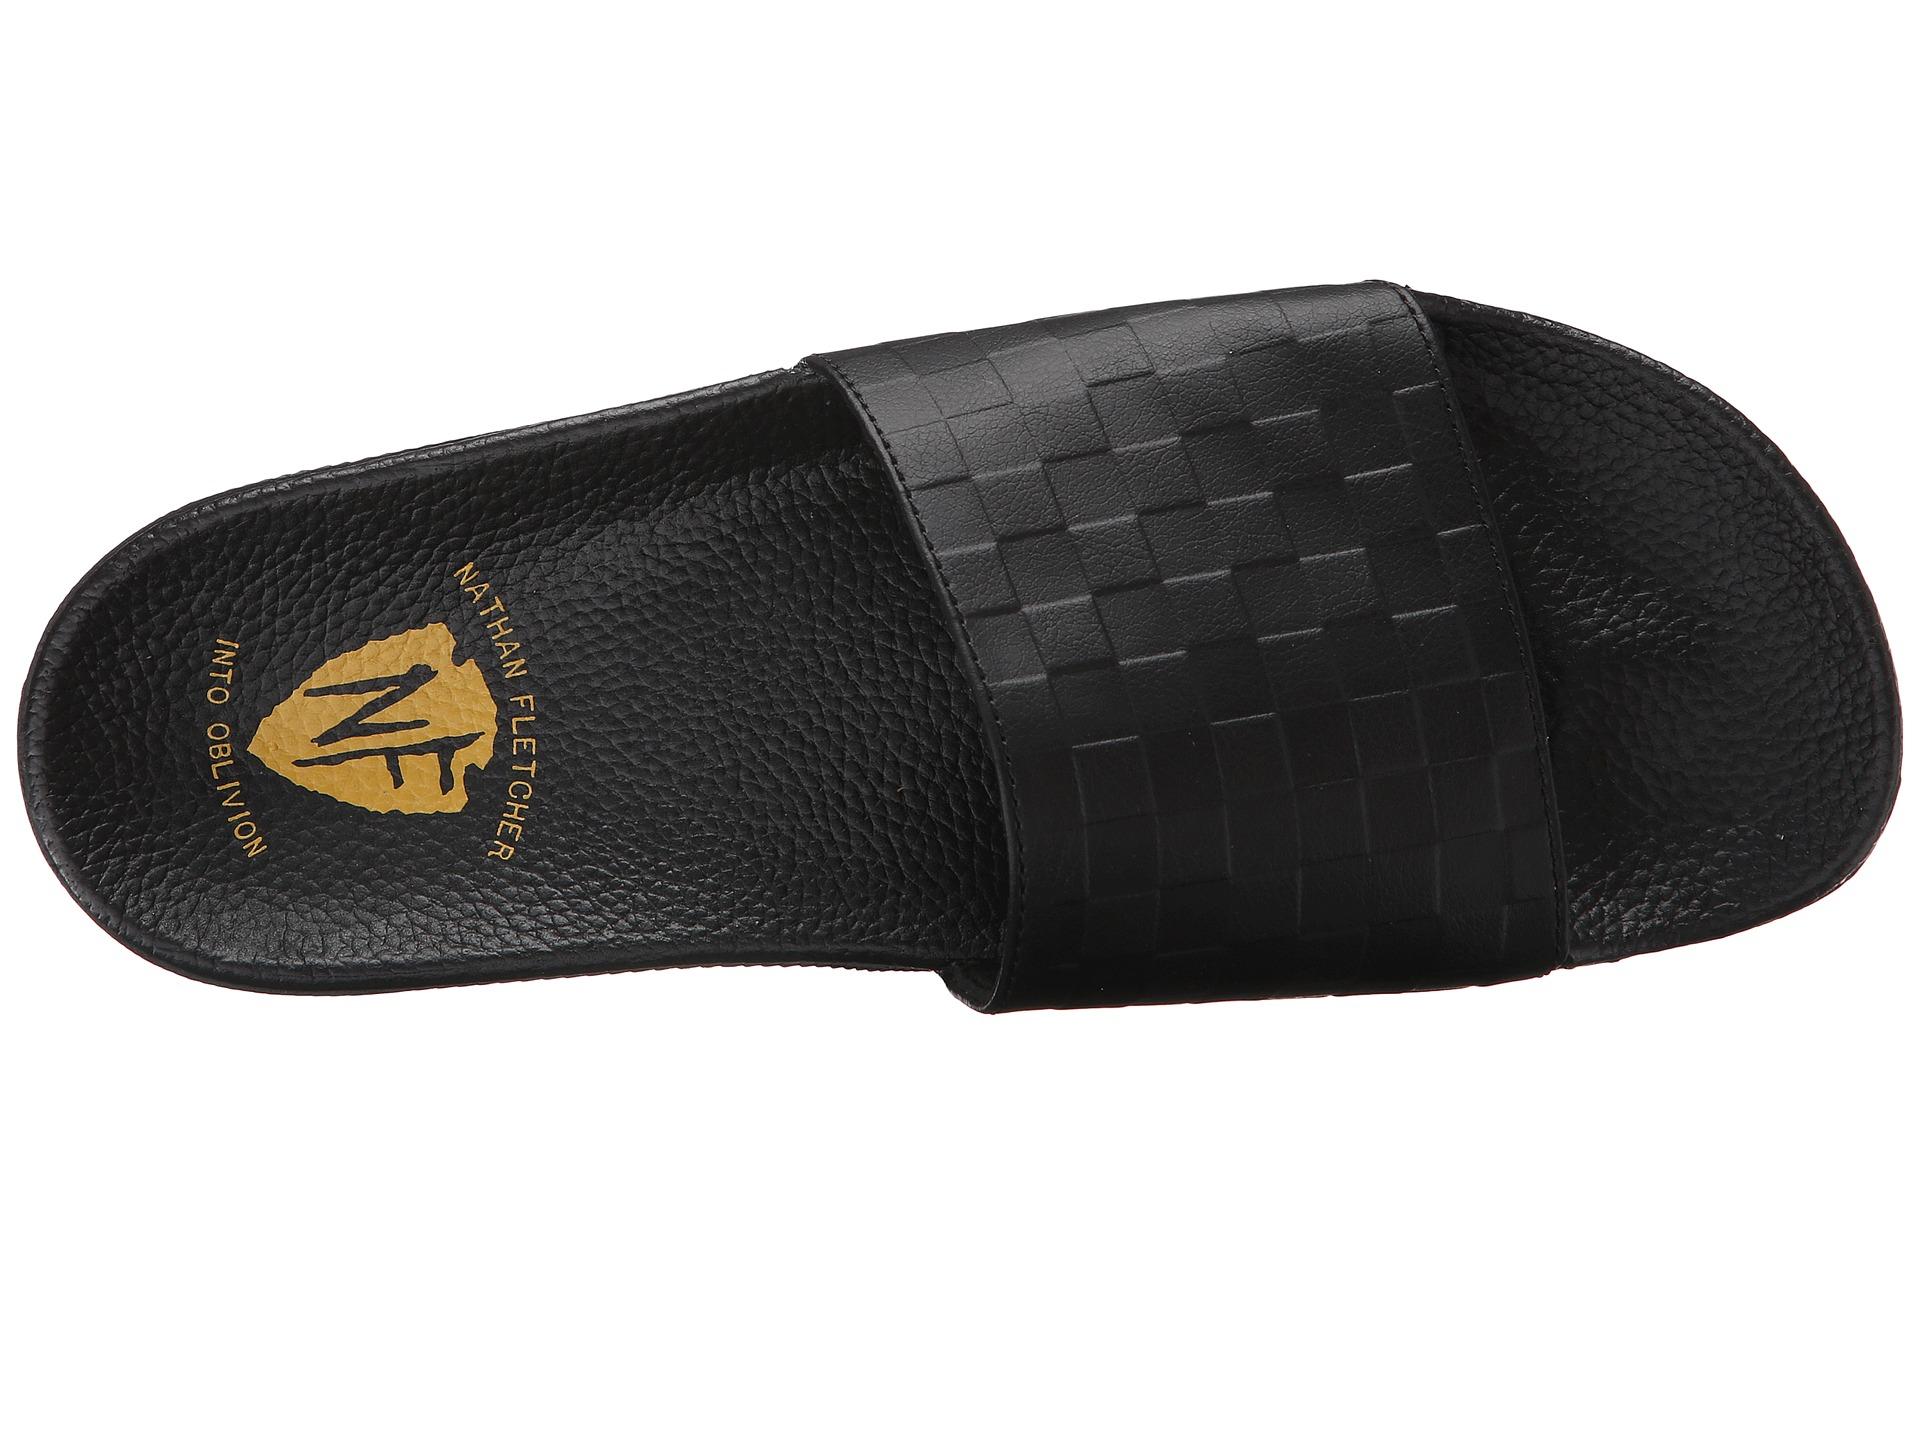 84aeac69311c Lyst - Vans Slide-on in Black for Men